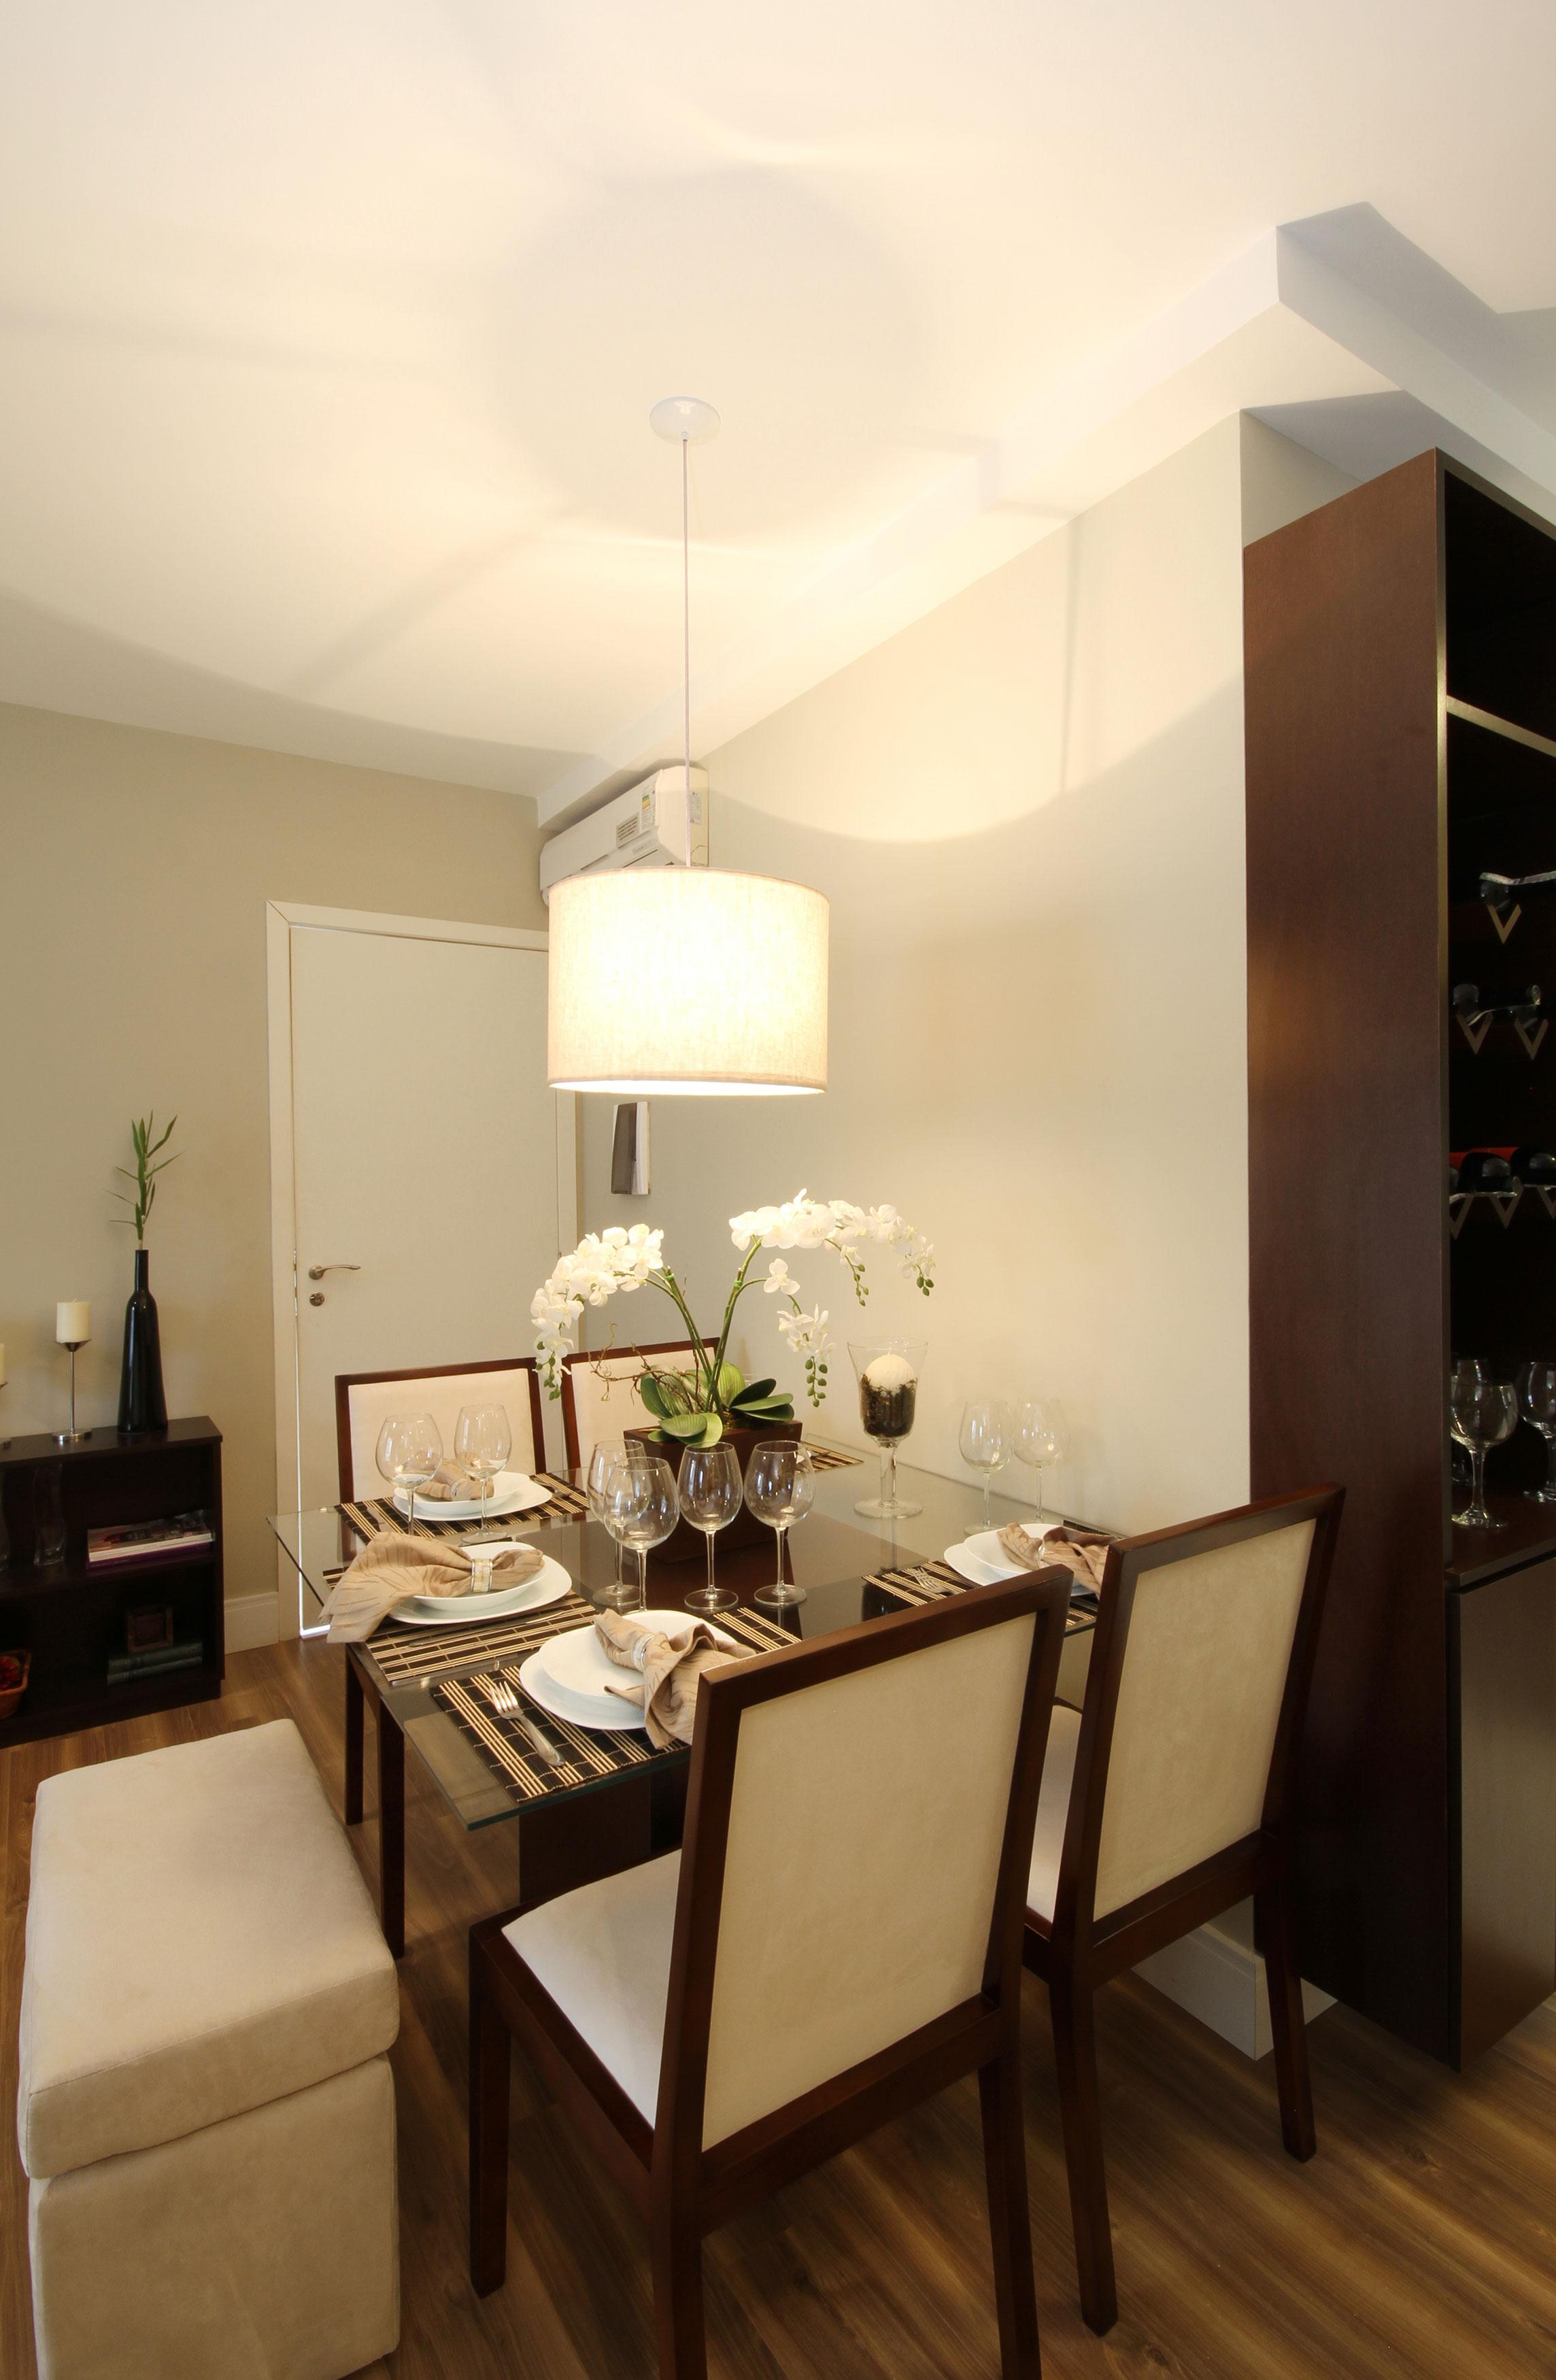 68,07 m² - Sala de jantar